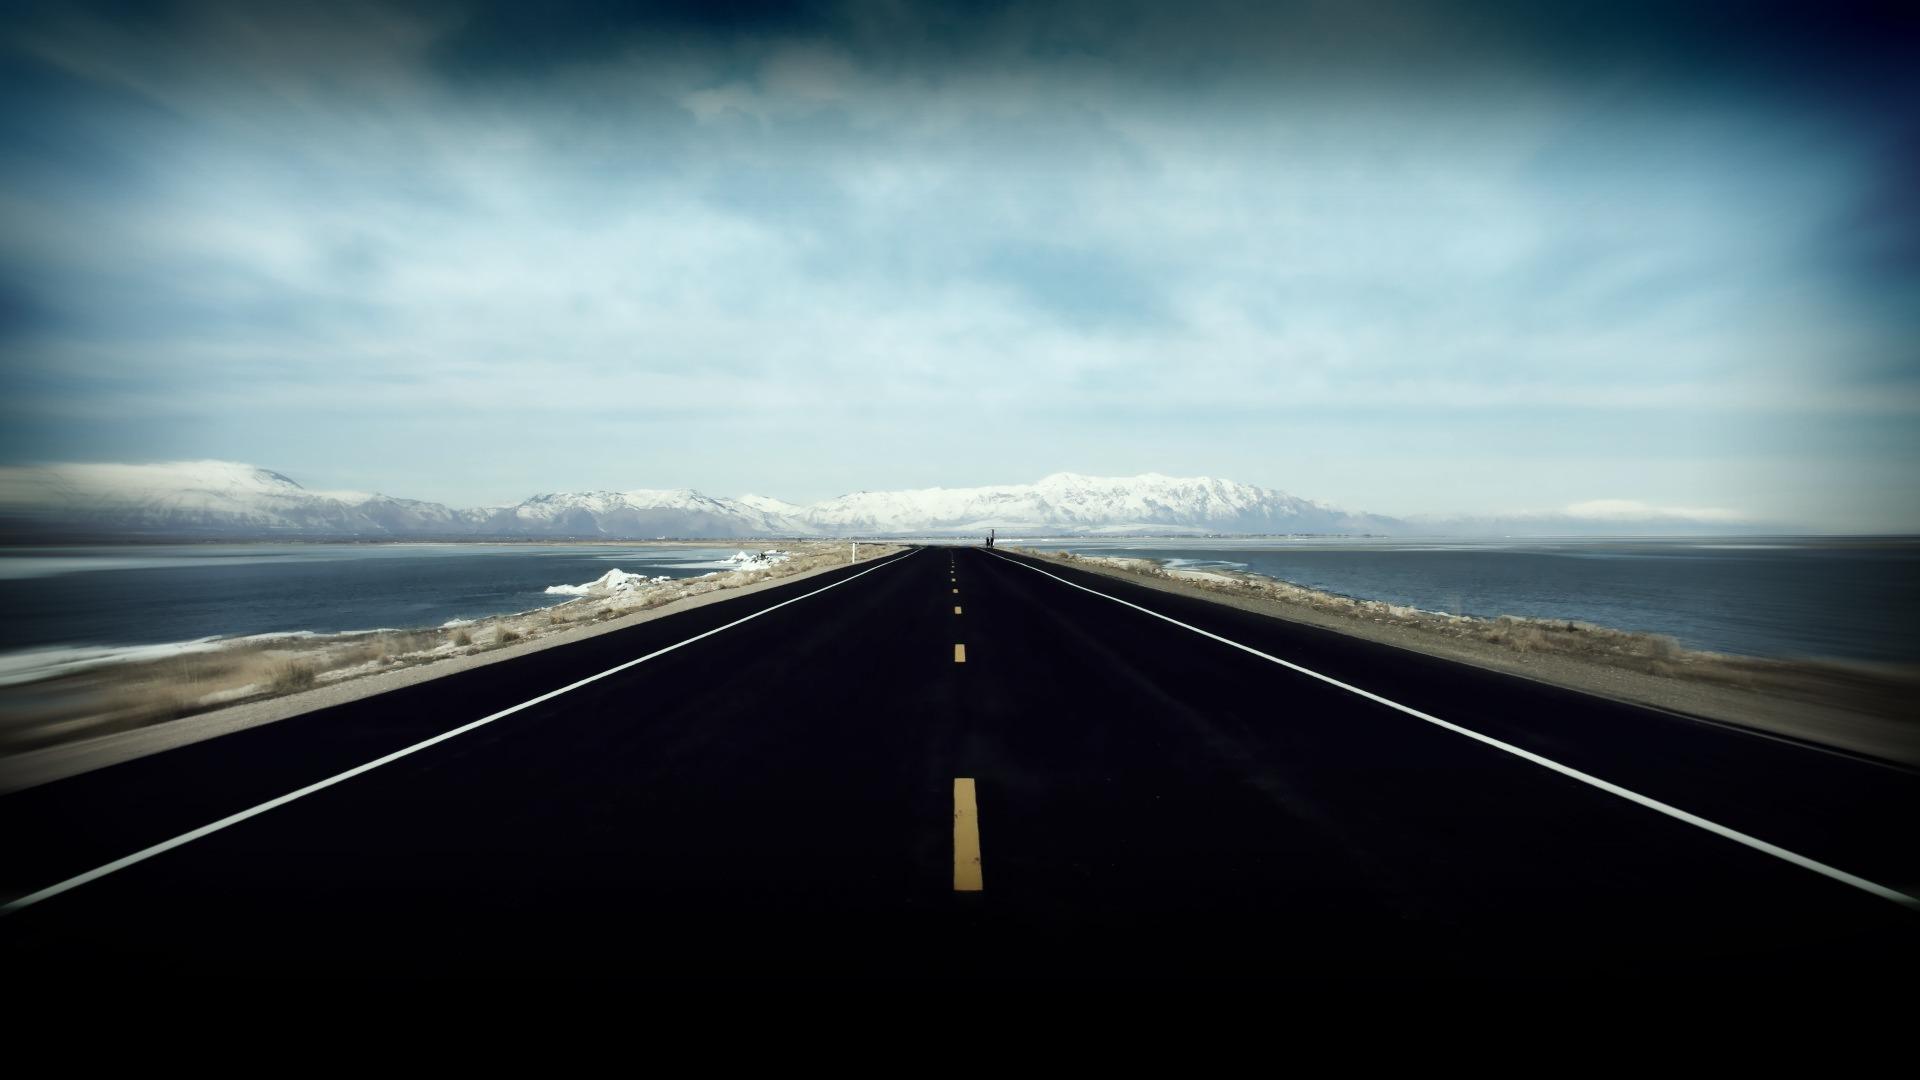 дорога, снег, вода